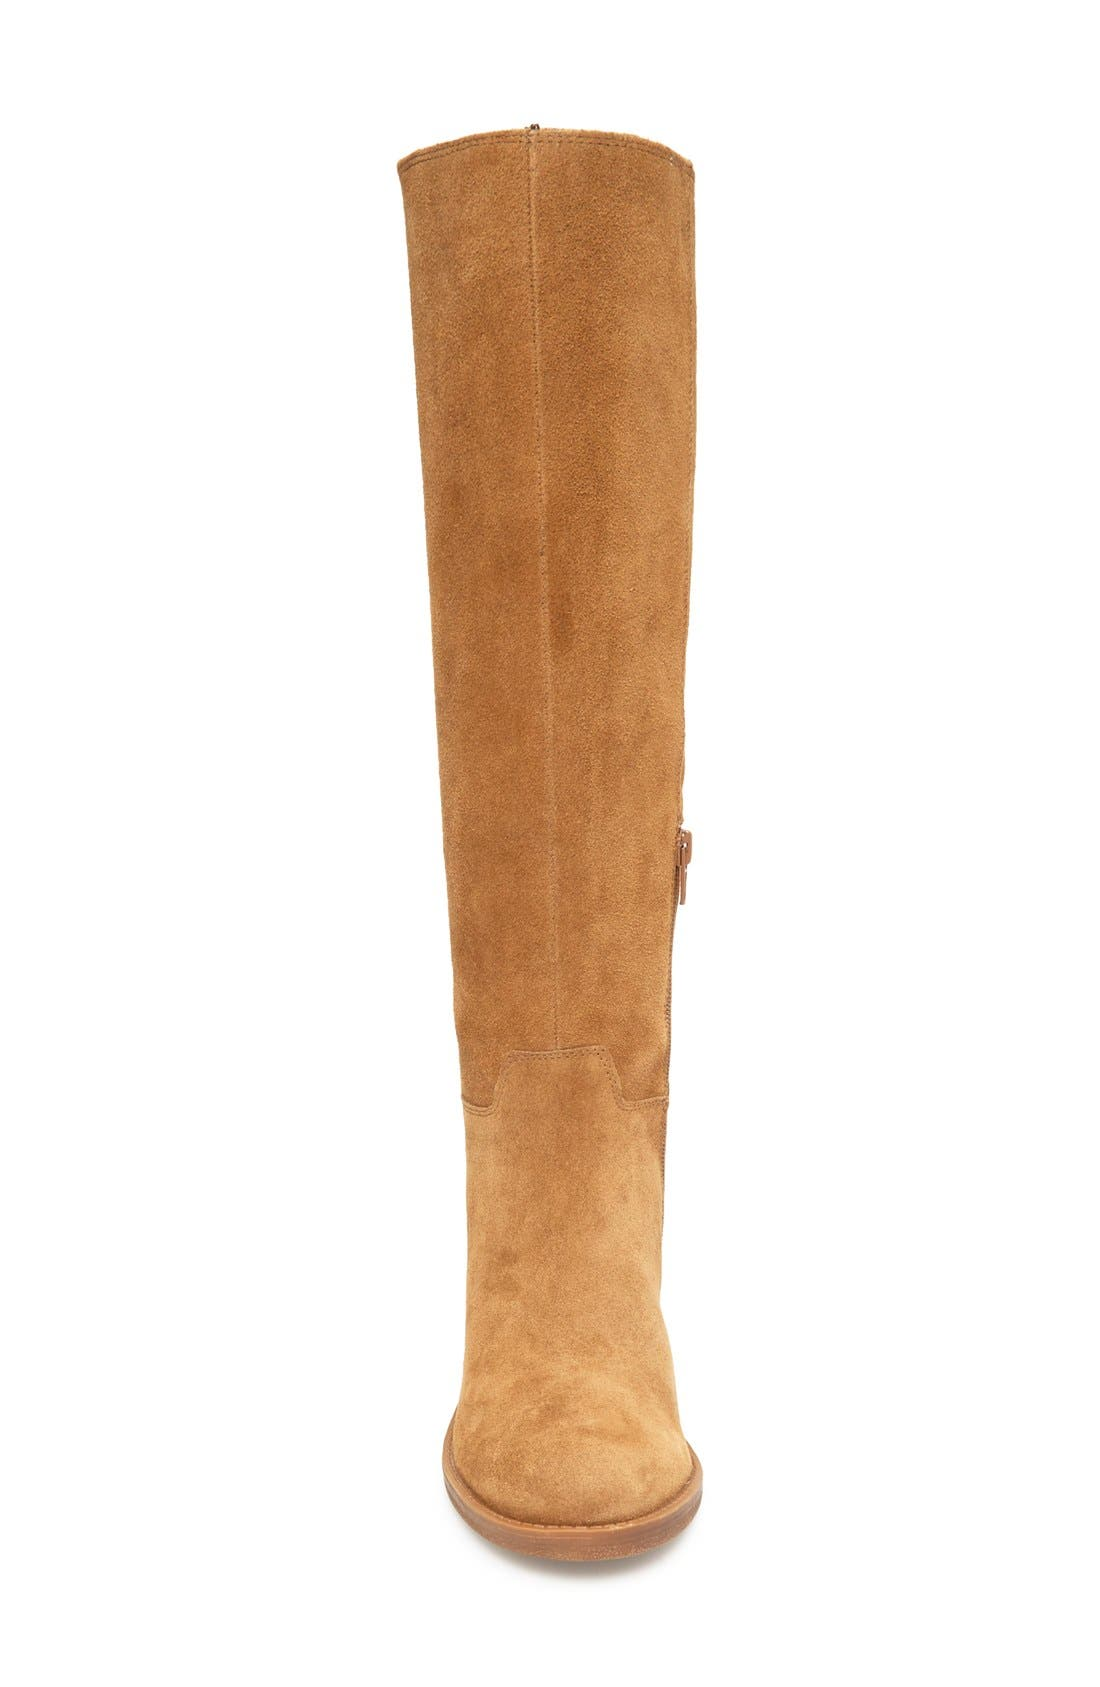 Alternate Image 3  - Lucky Brand Ritten Tall Boot (Women) (Wide Calf)